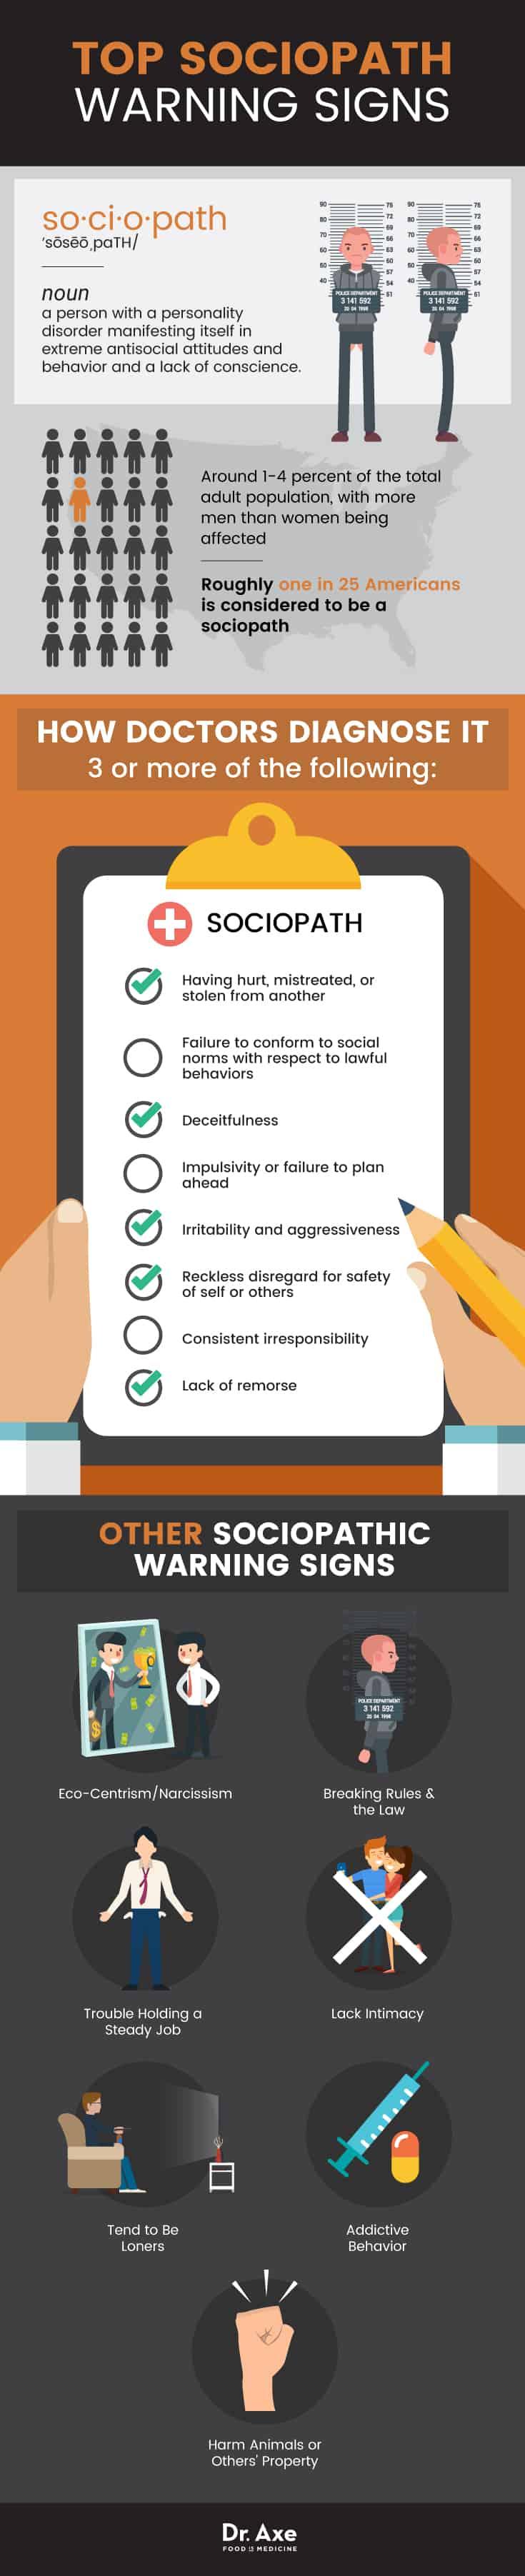 Sociopath - Dr. Axe